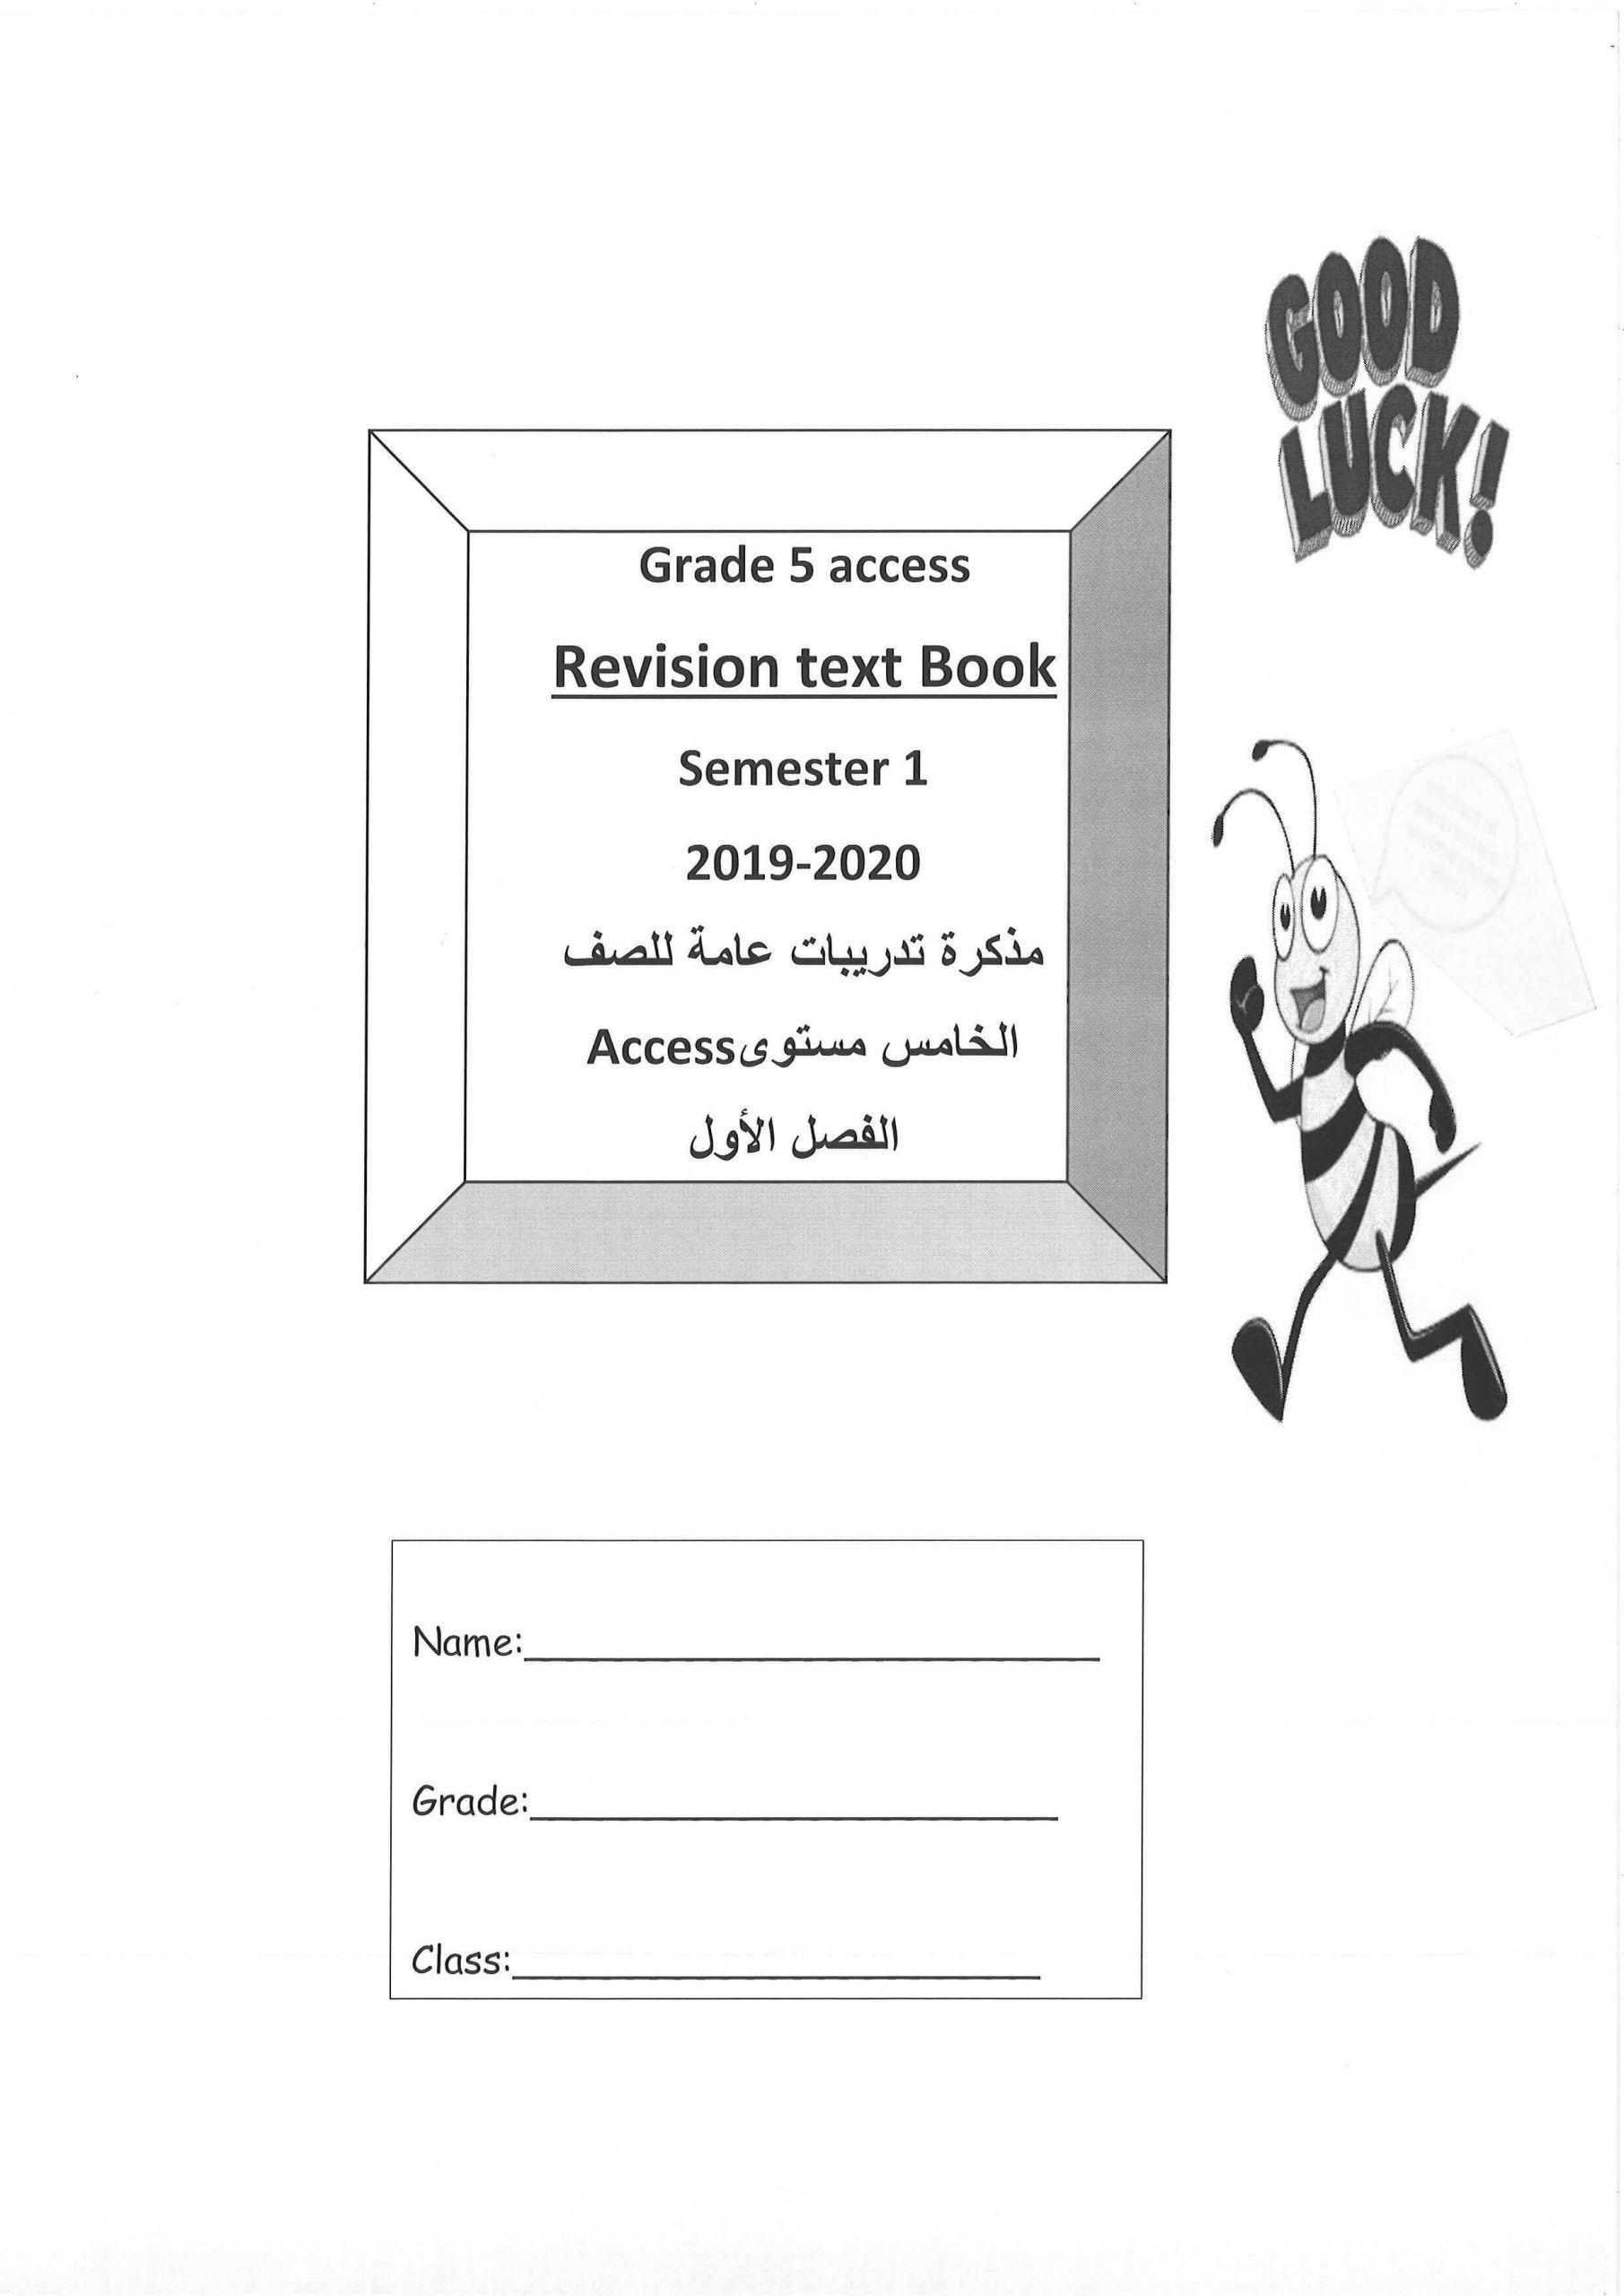 مذكرة مراجعة و تدريبات عامة الصف الخامس مادة اللغة الانجليزية Text Books Textbook